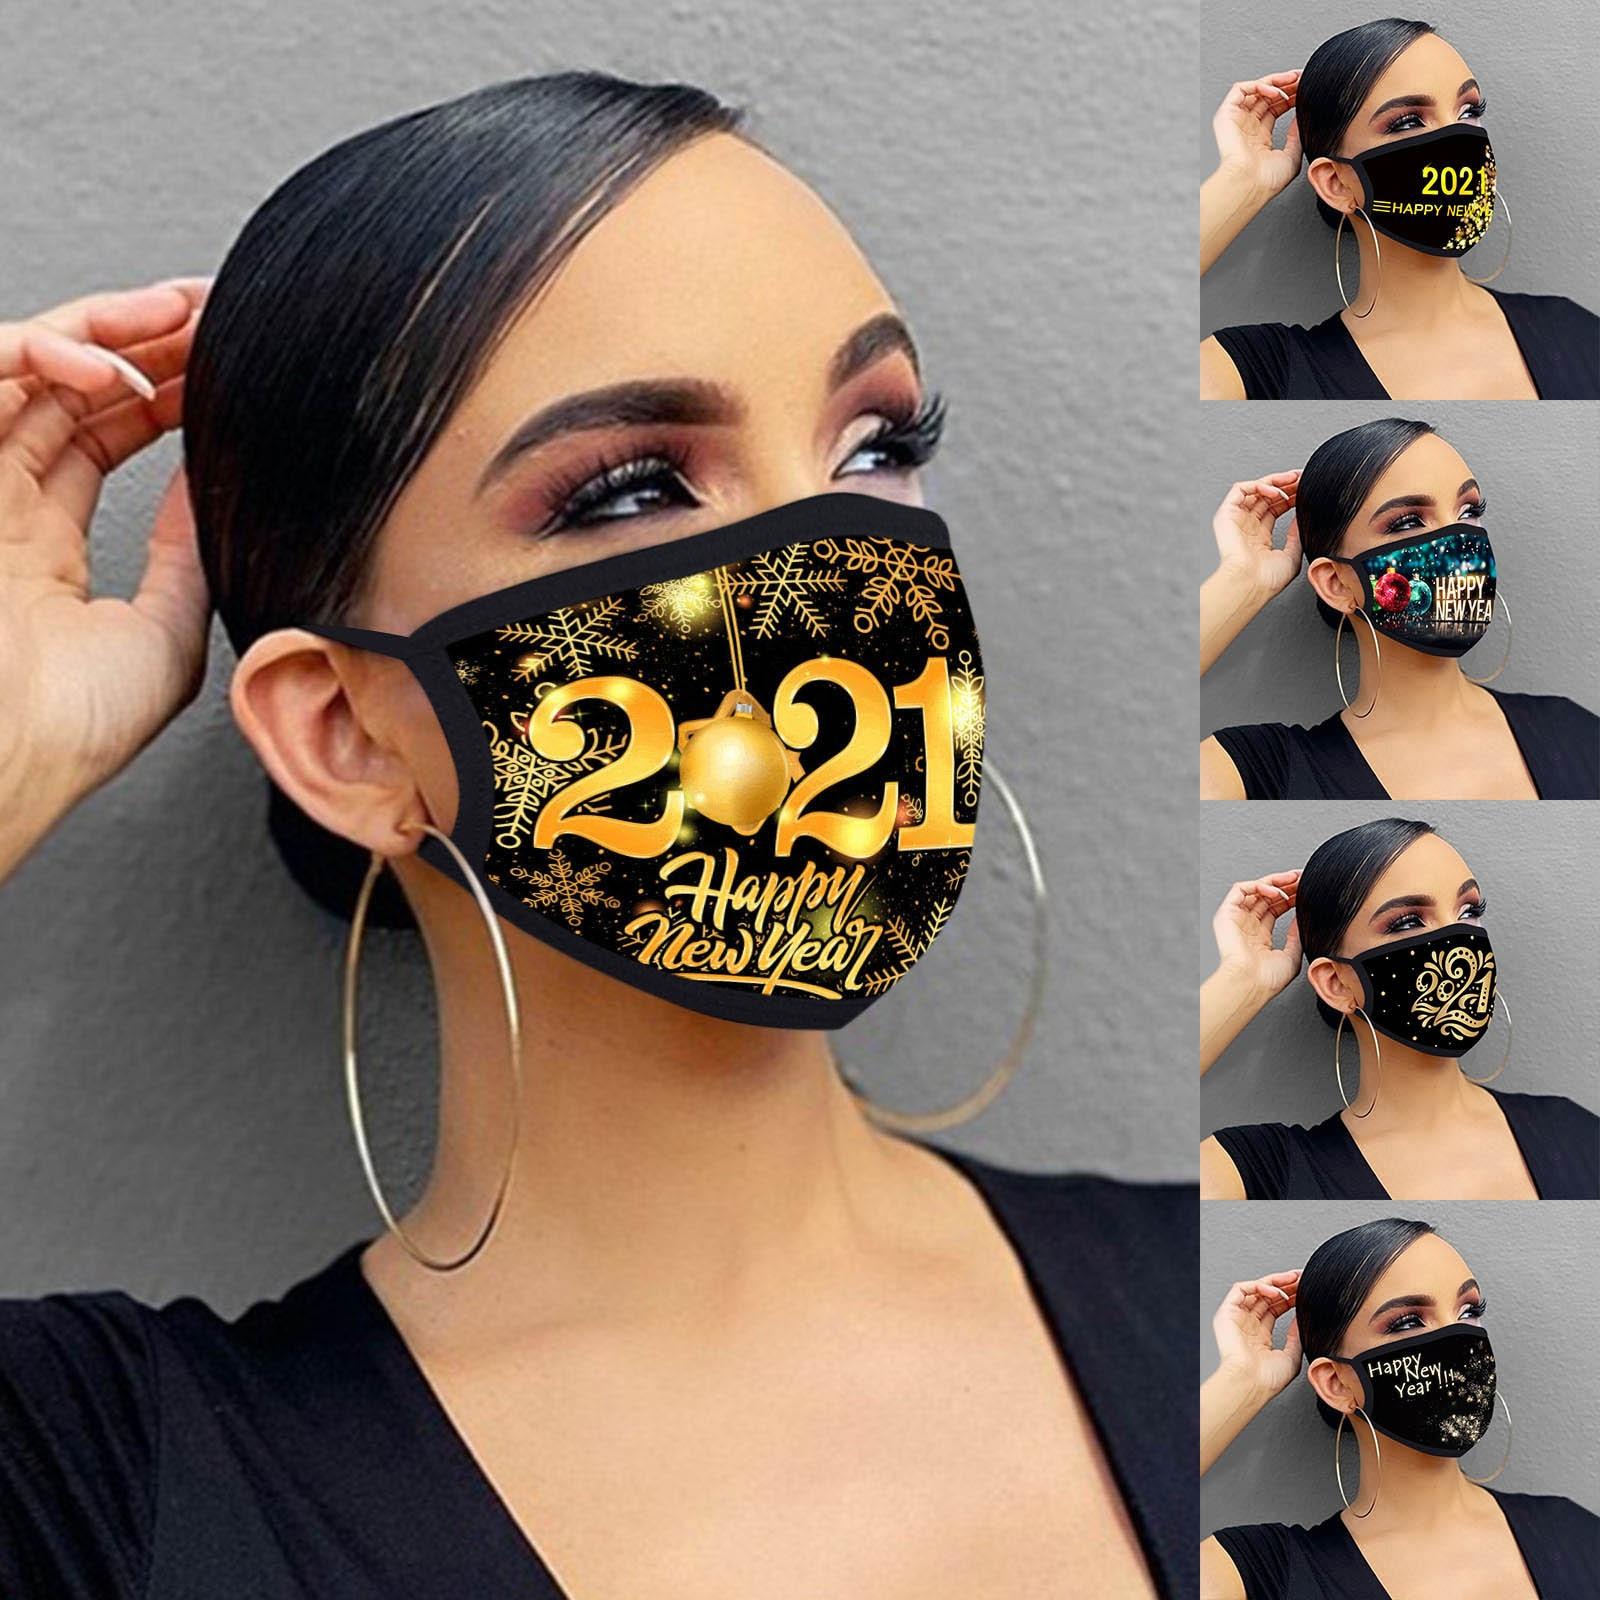 Маска для взрослых 2021 смешная Маска счастливого Нового года Моющиеся Многоразовые загрязненные маски для рта Маска На Рот унисекс рождеств...